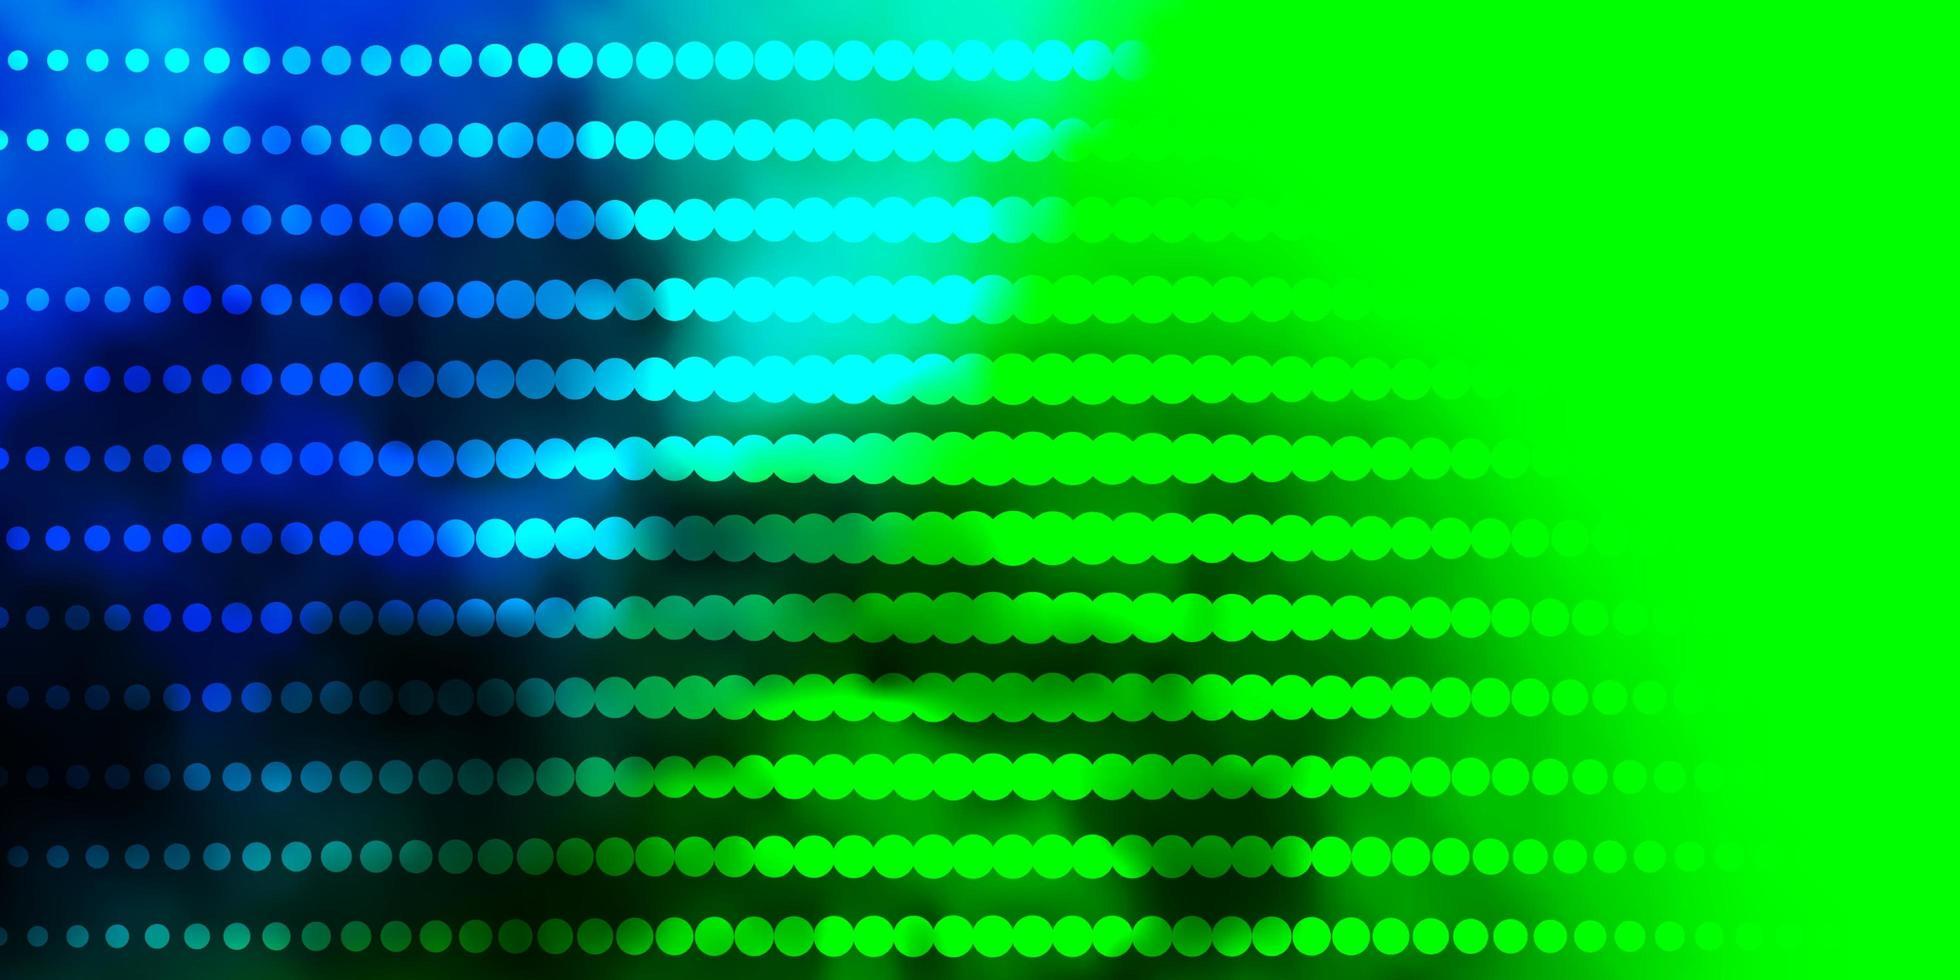 donkere veelkleurige vector achtergrond met cirkels.